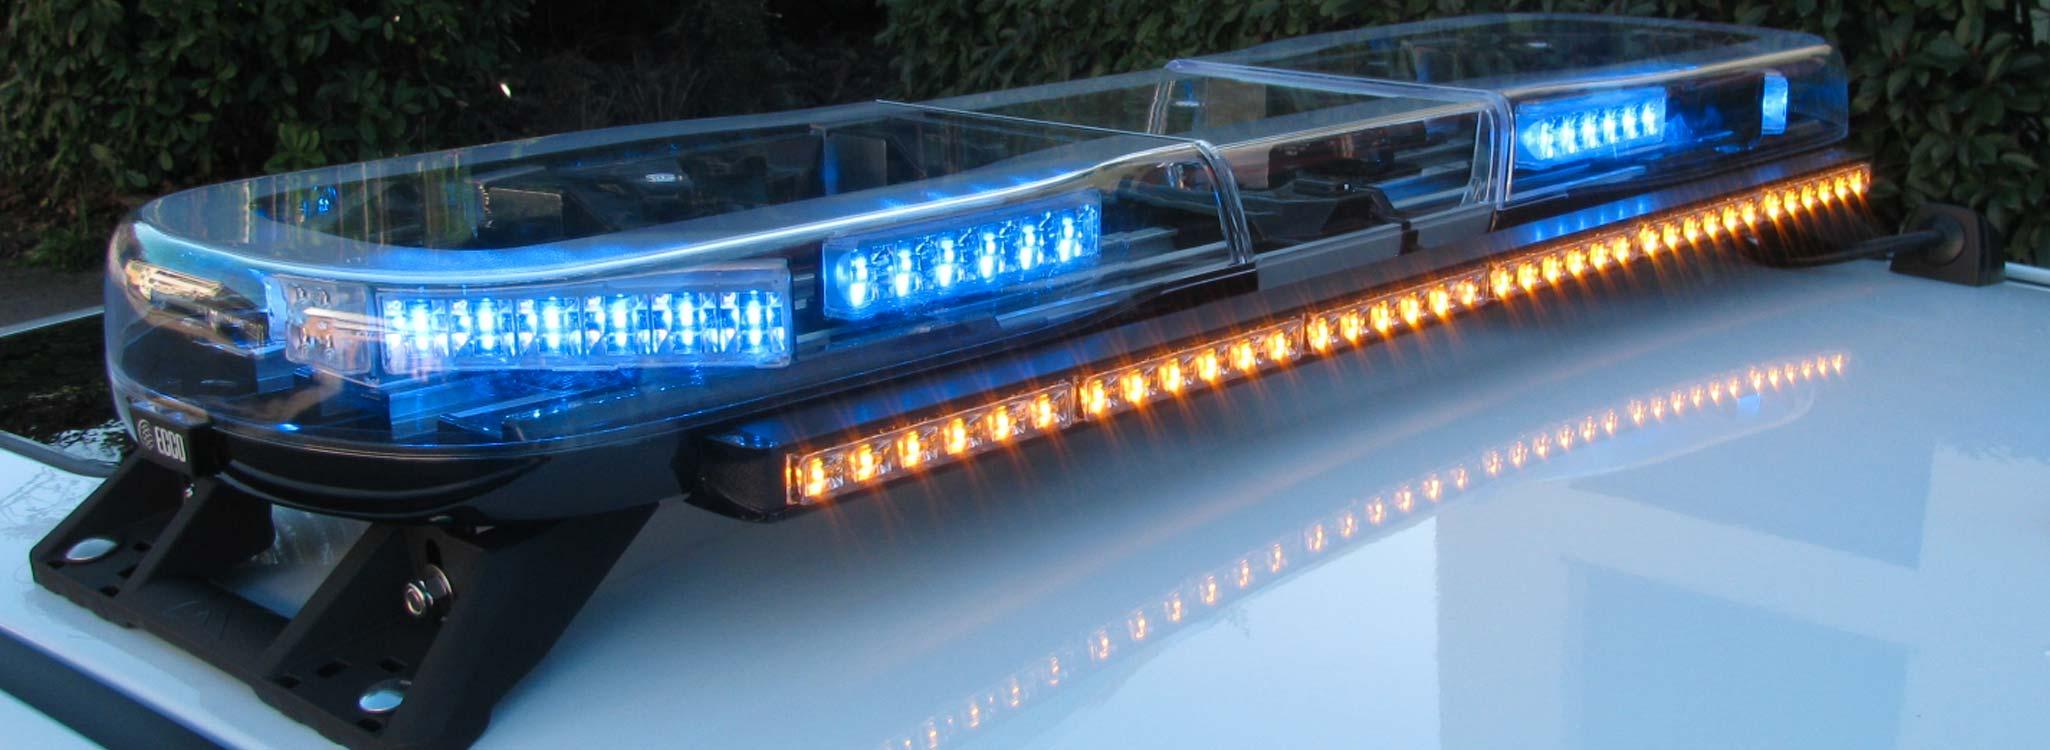 Schema Elettrico Per Lampeggio Led : Gli errori più ricorrenti nell applicare i led lumi